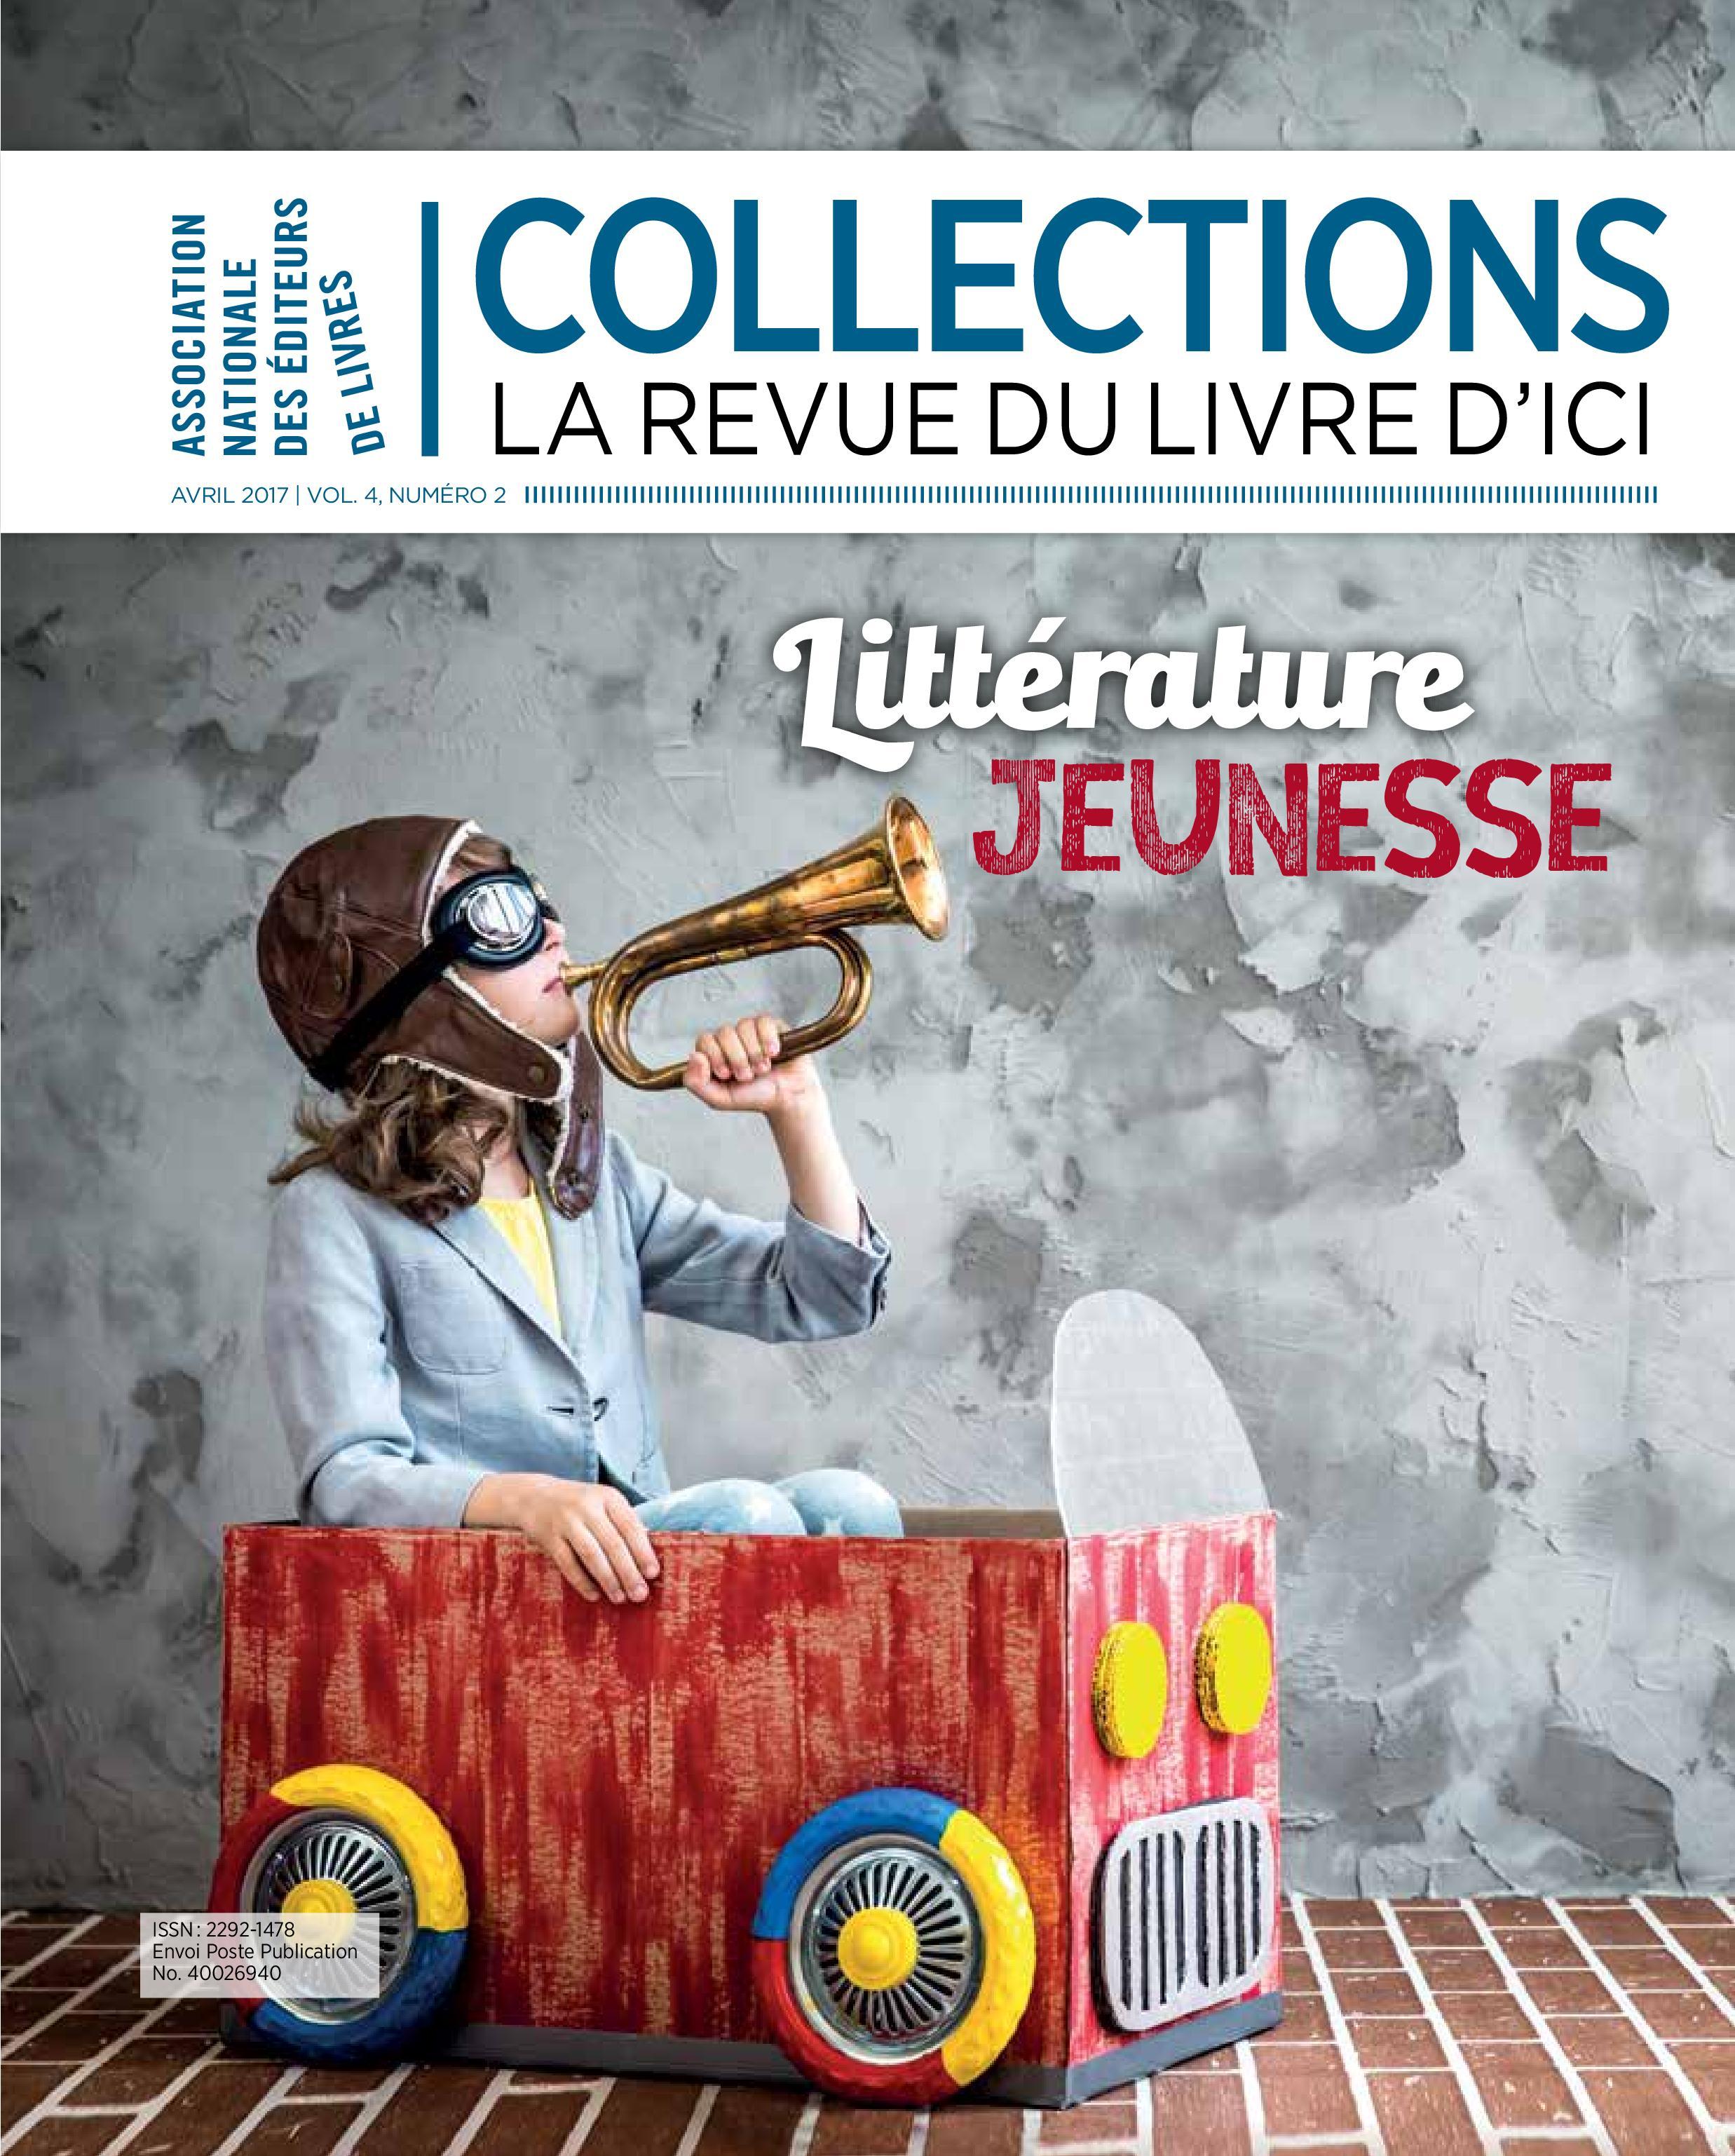 Collections Vol 4, No 2, Li...